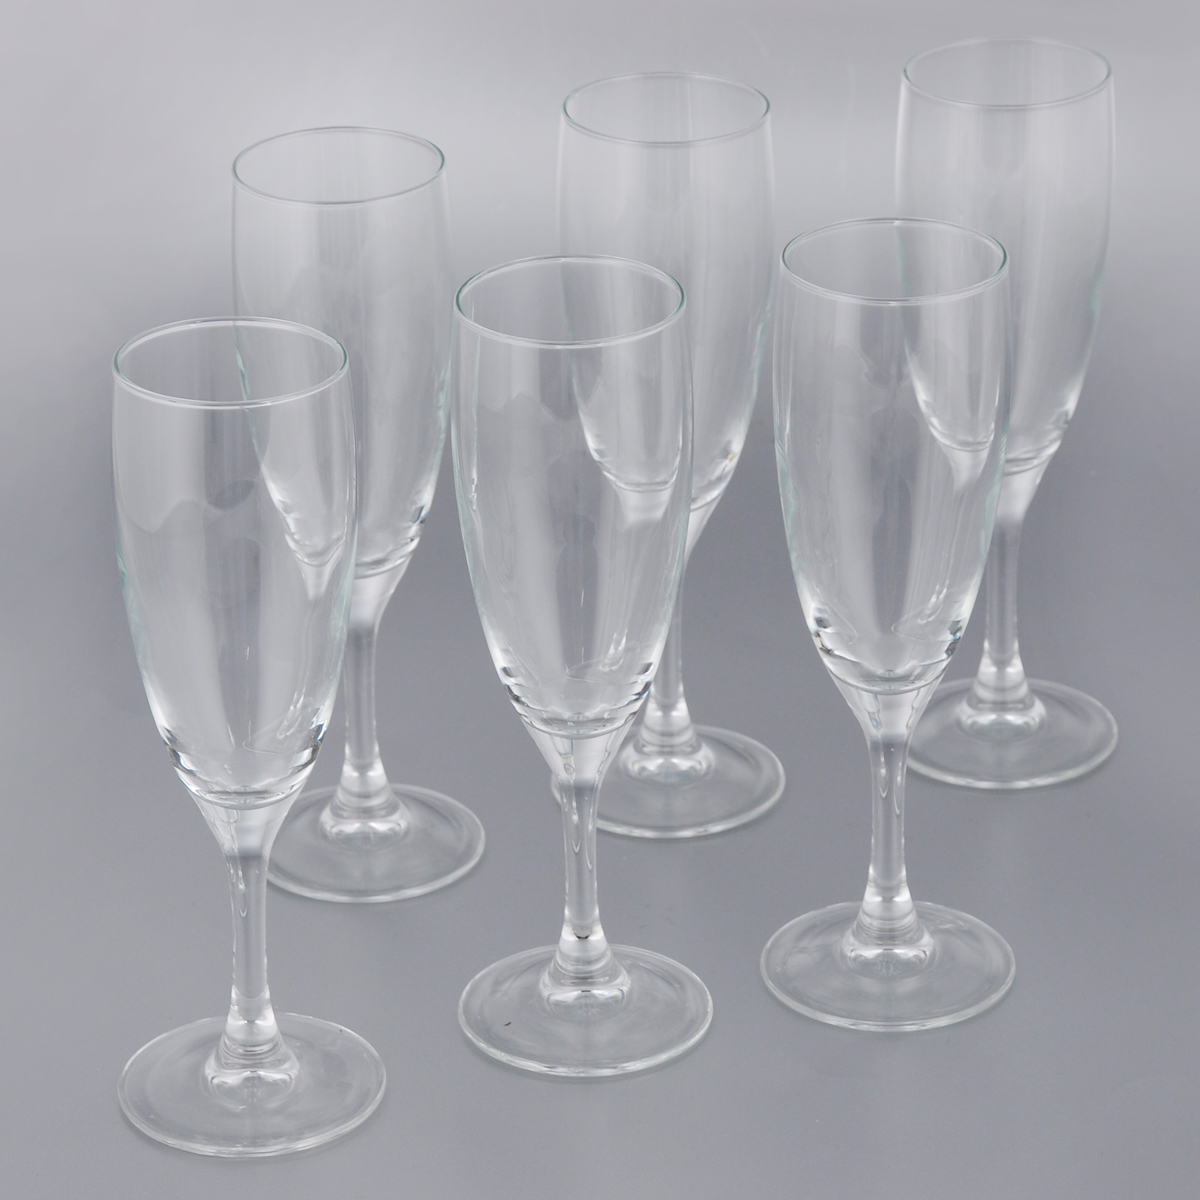 """Набор Luminarc """"Французский ресторанчик"""" состоит  из шести классических фужеров, выполненных из  прочного стекла. Они сочетают в себе  элегантный дизайн и функциональность. Благодаря  такому набору пить напитки будет еще вкуснее. Набор фужеров Luminarc """"Французский  ресторанчик"""" прекрасно оформит праздничный стол  и создаст приятную атмосферу за  романтическим ужином. Такой набор также станет  хорошим подарком к любому случаю.   Можно мыть в посудомоечной машине. Диаметр фужера (по верхнему краю): 5 см.  Диаметр основания фужера: 6 см.  Высота фужера: 19 см."""